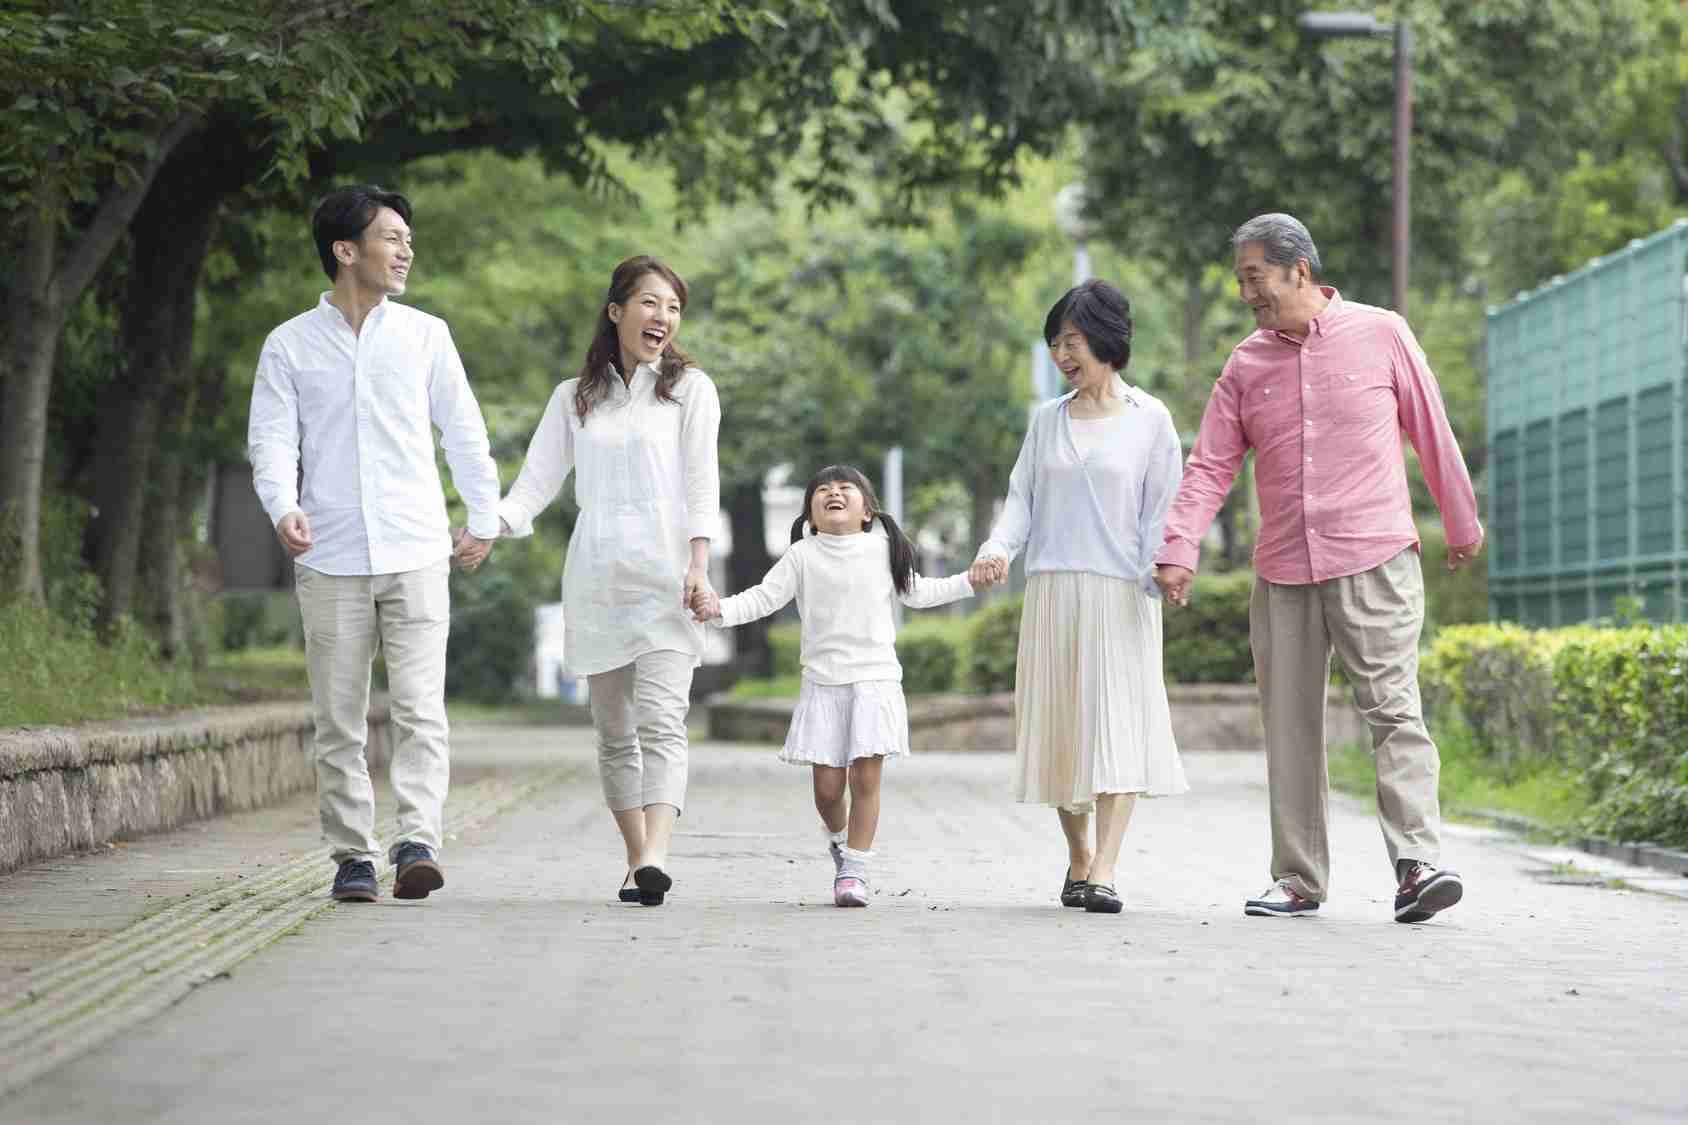 【育児】祖父母がいると楽ですか?【近居・同居】